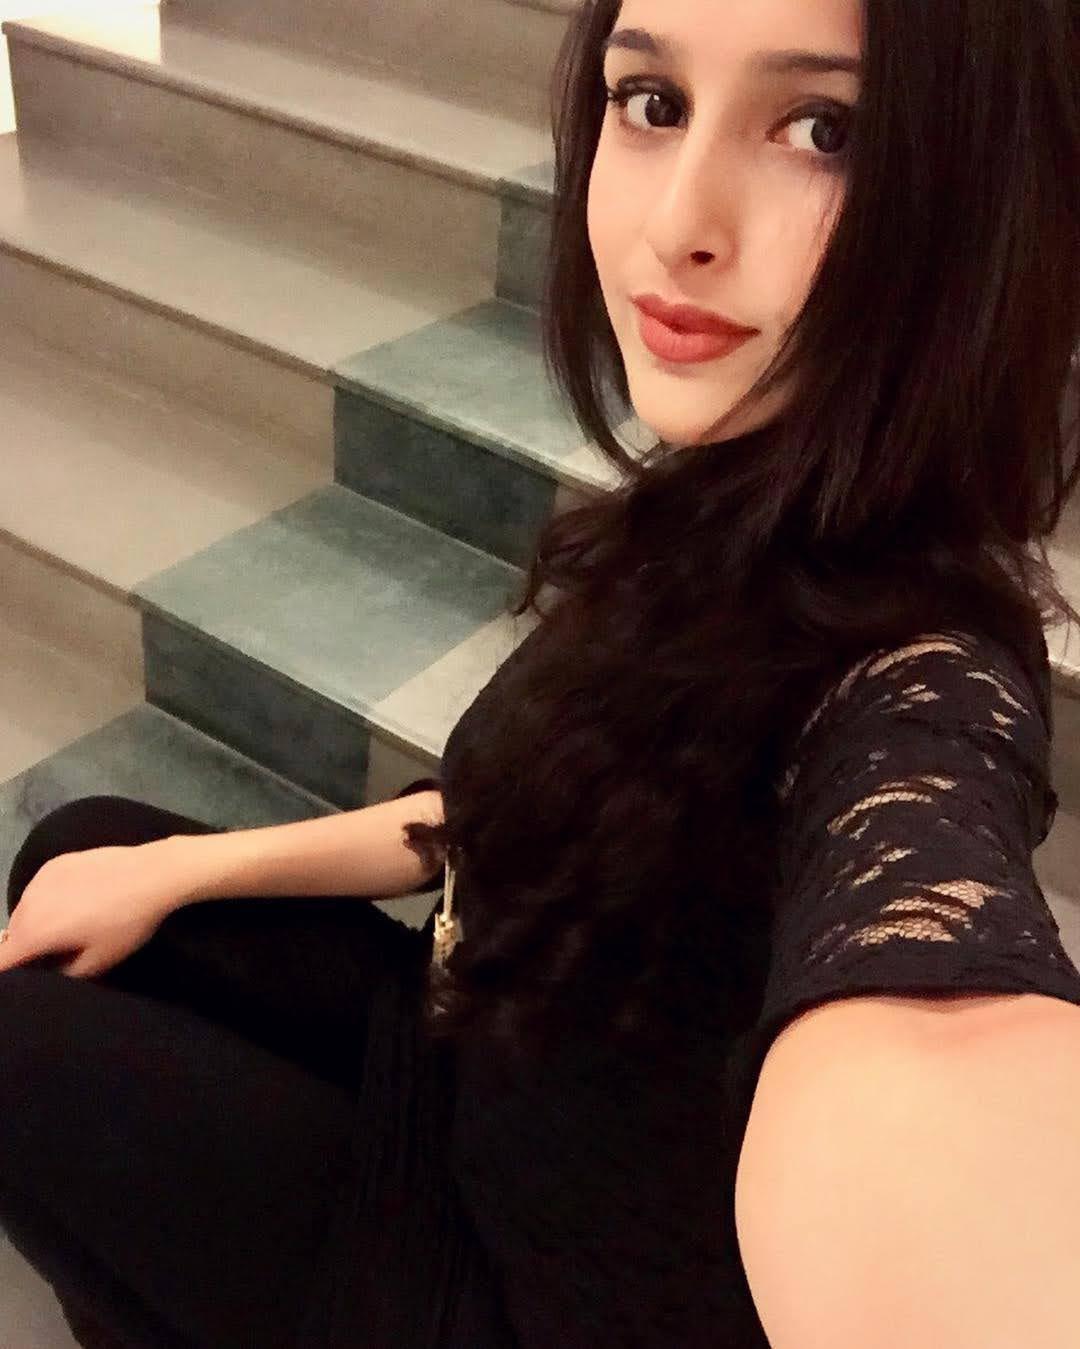 Sadia Khateeb 24